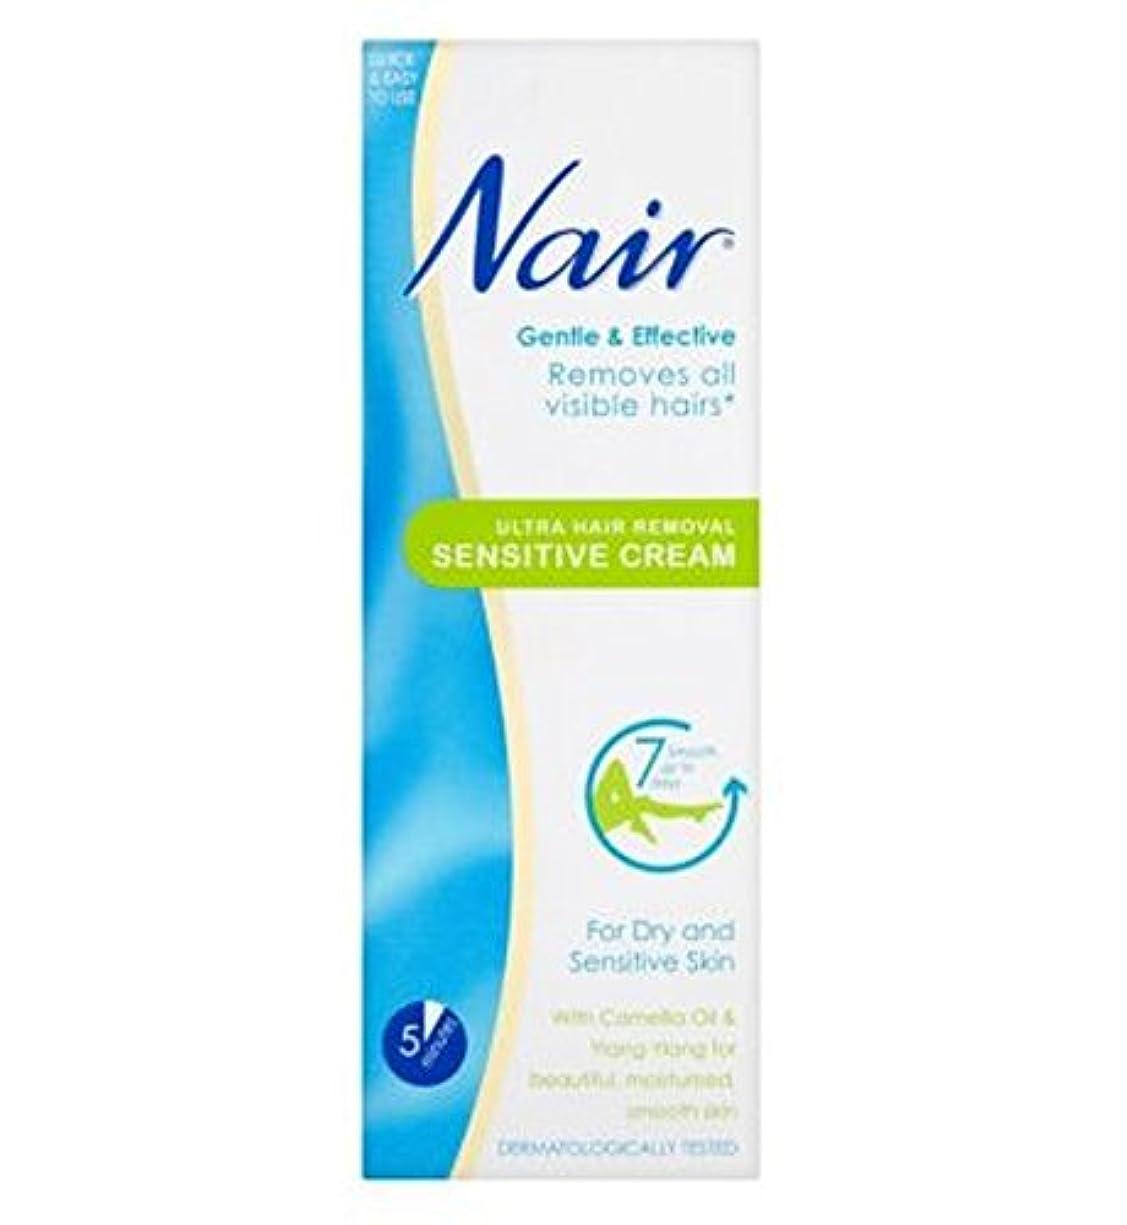 エーカーベアリングサークル回転させるNair Sensitive Hair Removal Cream 200ml - Nairさん敏感な脱毛クリーム200ミリリットル (Nair) [並行輸入品]